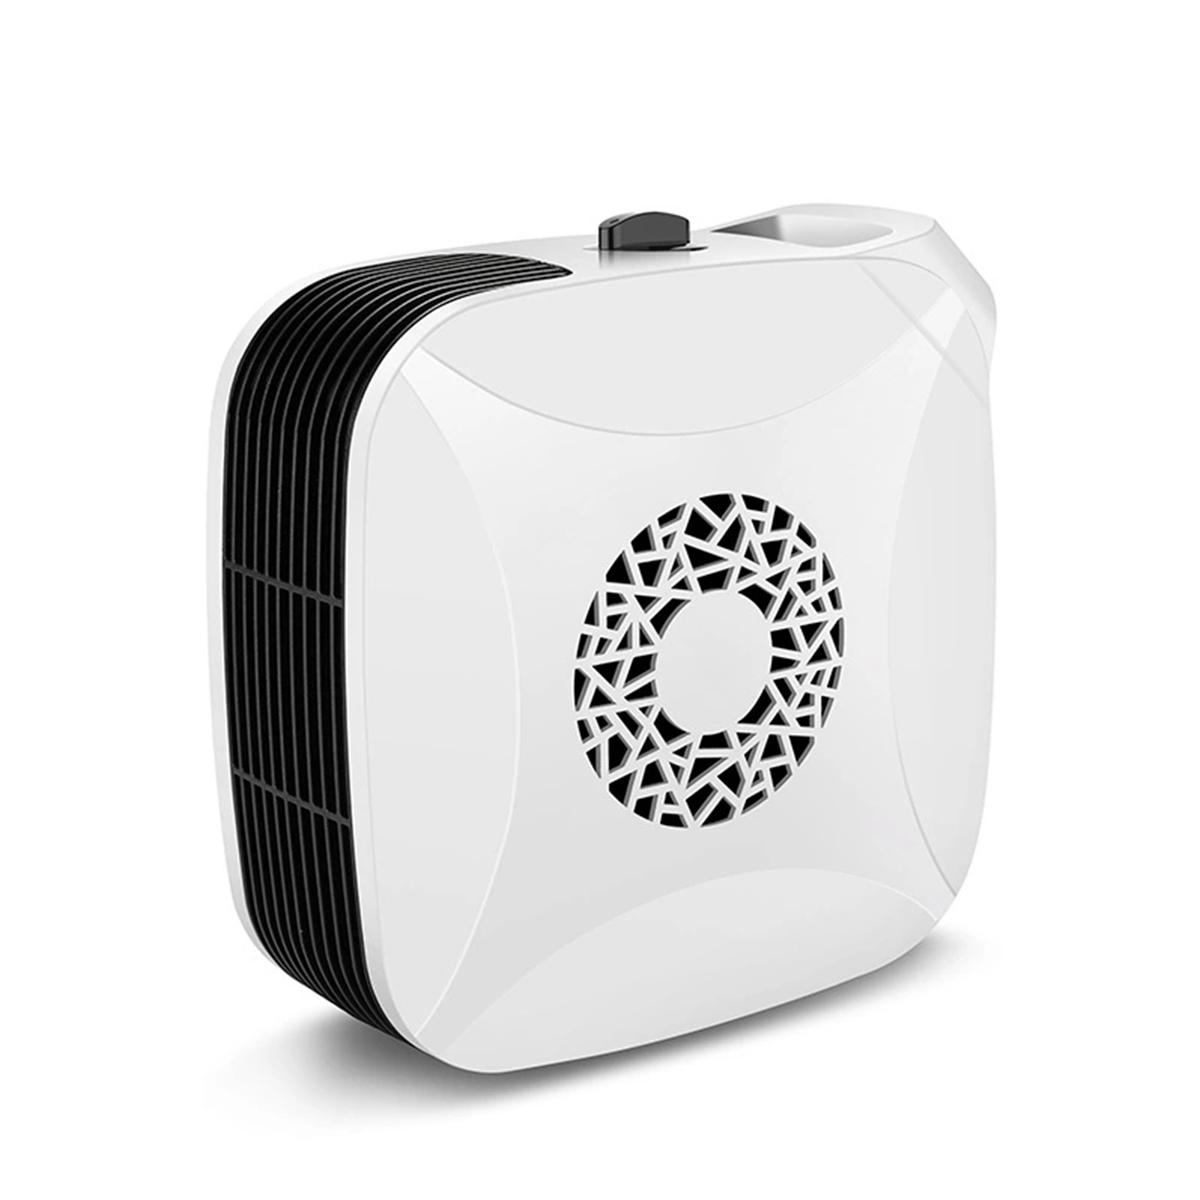 Вт 220 В Мини Электрический Нагреватель Вентилятор Низкий Уровень Шума Теплый Воздуходувка для Офиса Дома Настольный Пол